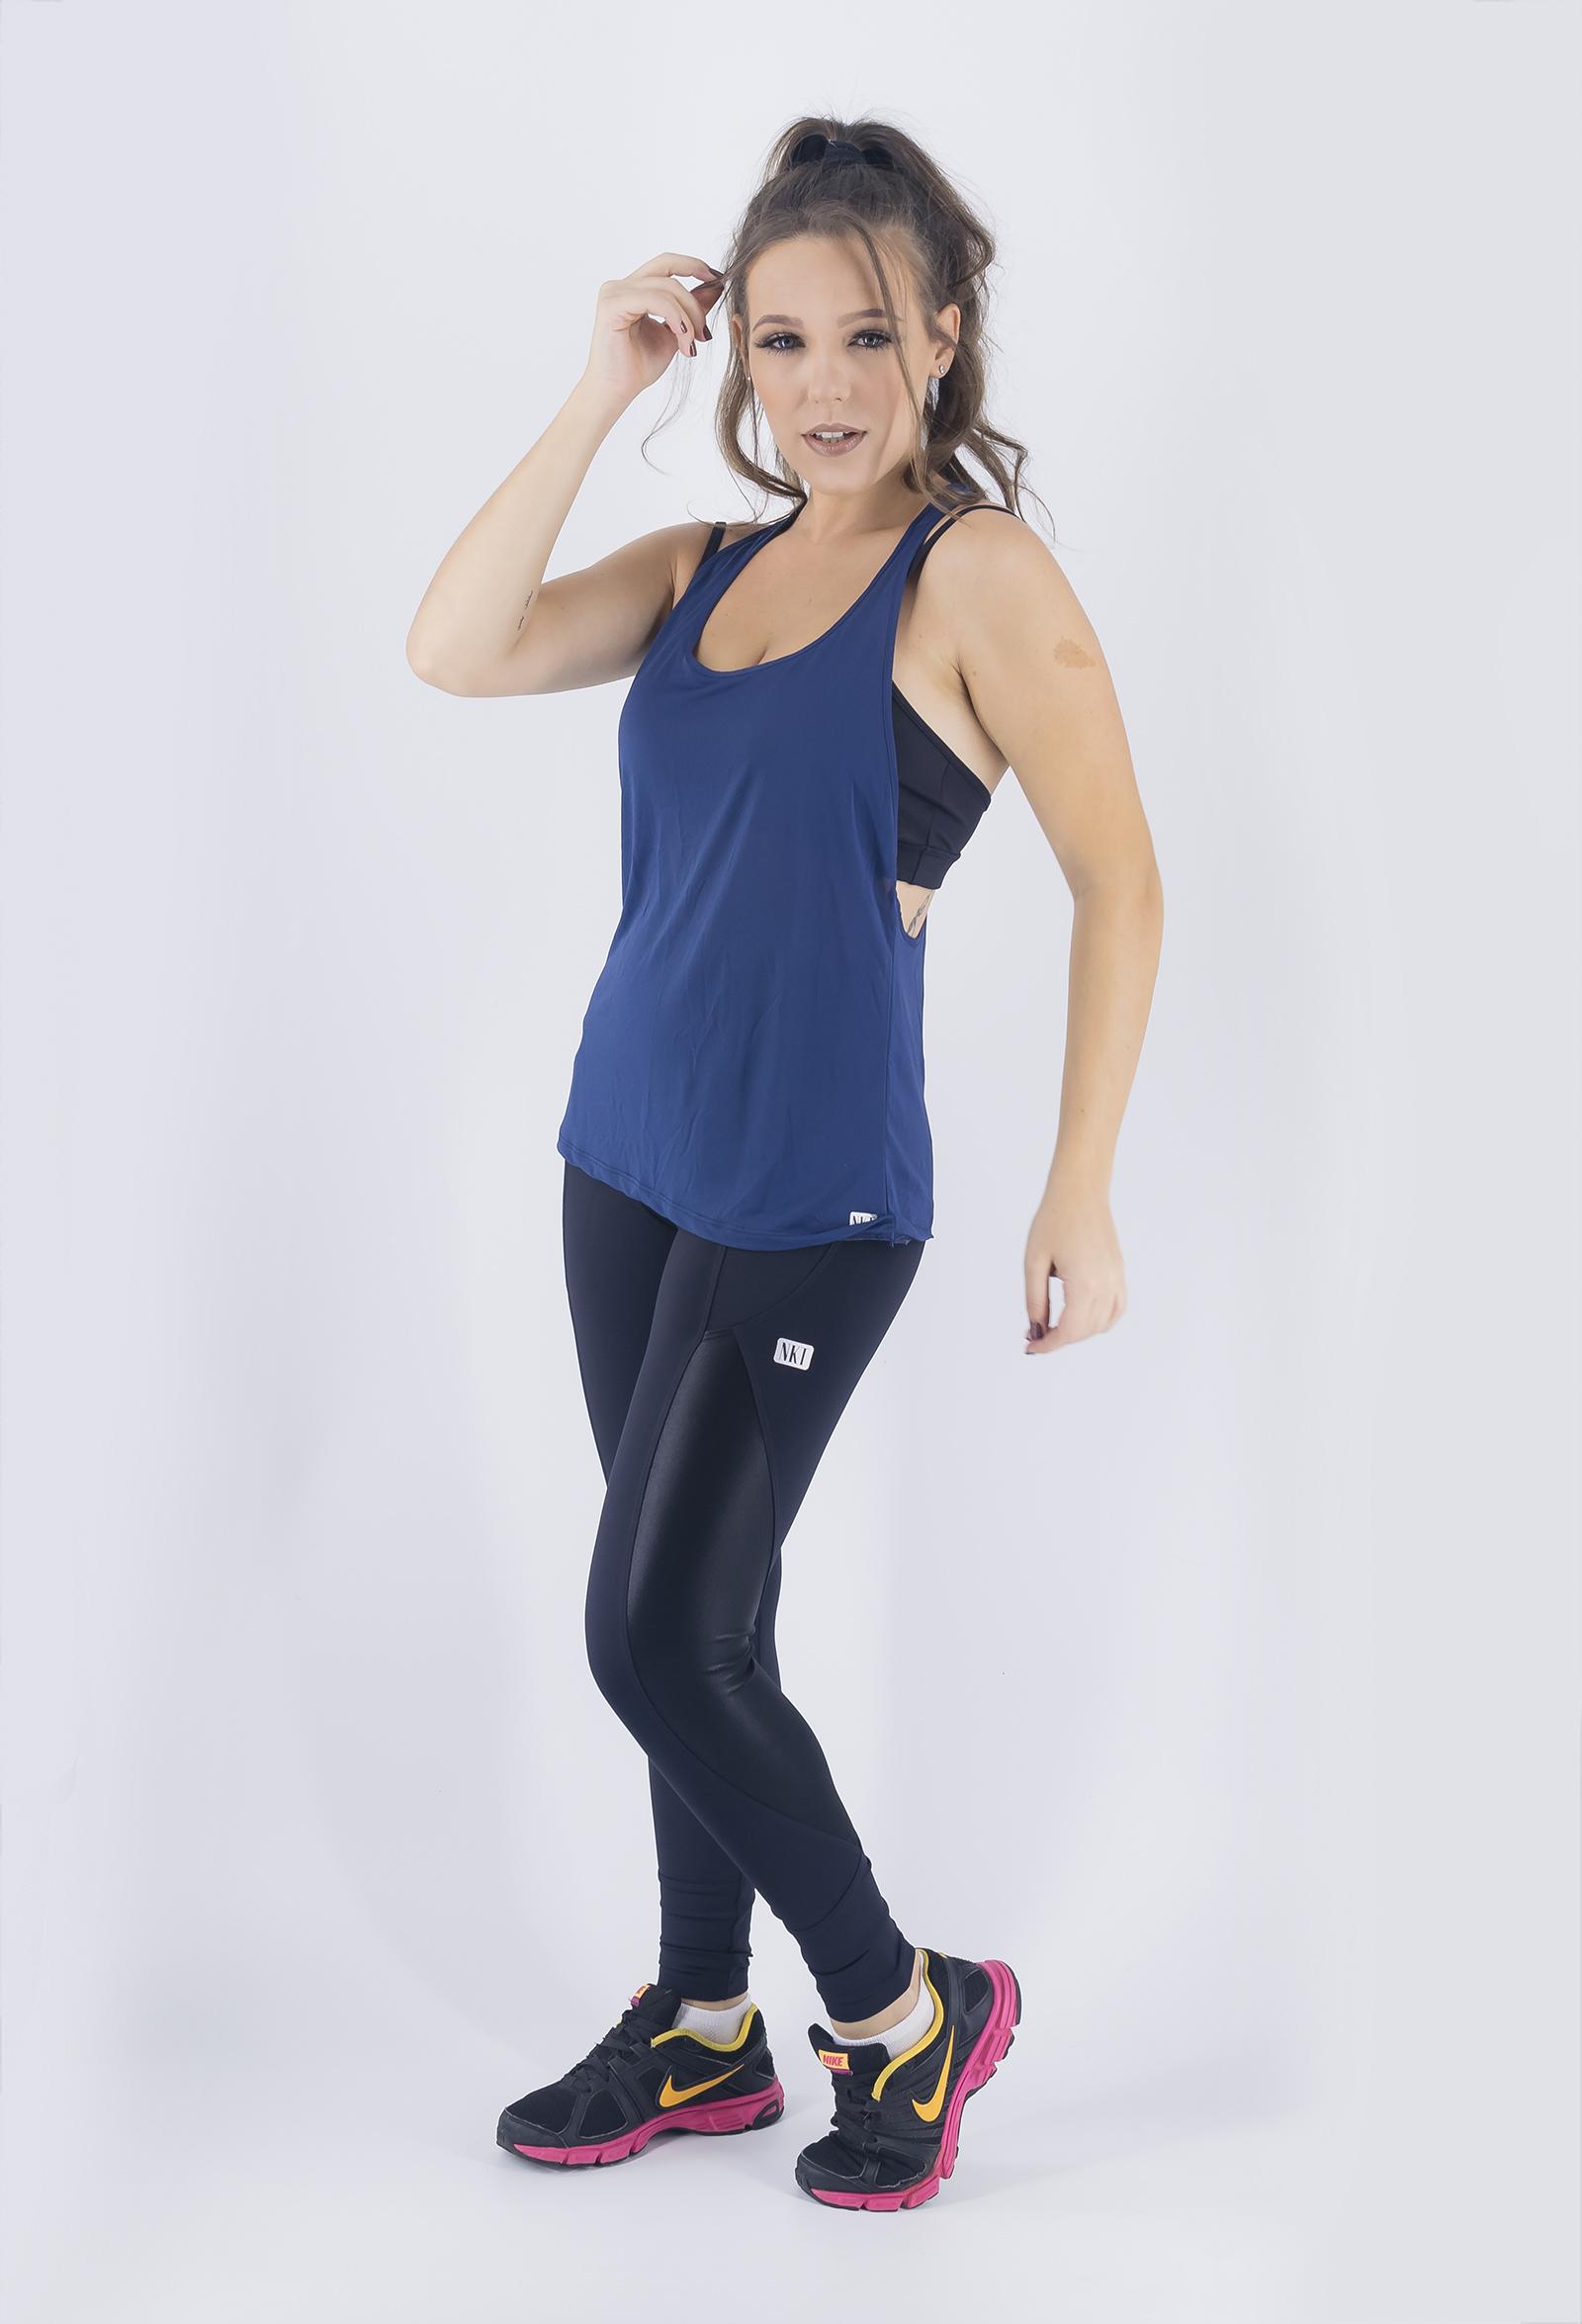 Regata Cava Fabulous Marinho, Coleção Just For You - NKT Fitwear Moda Fitness